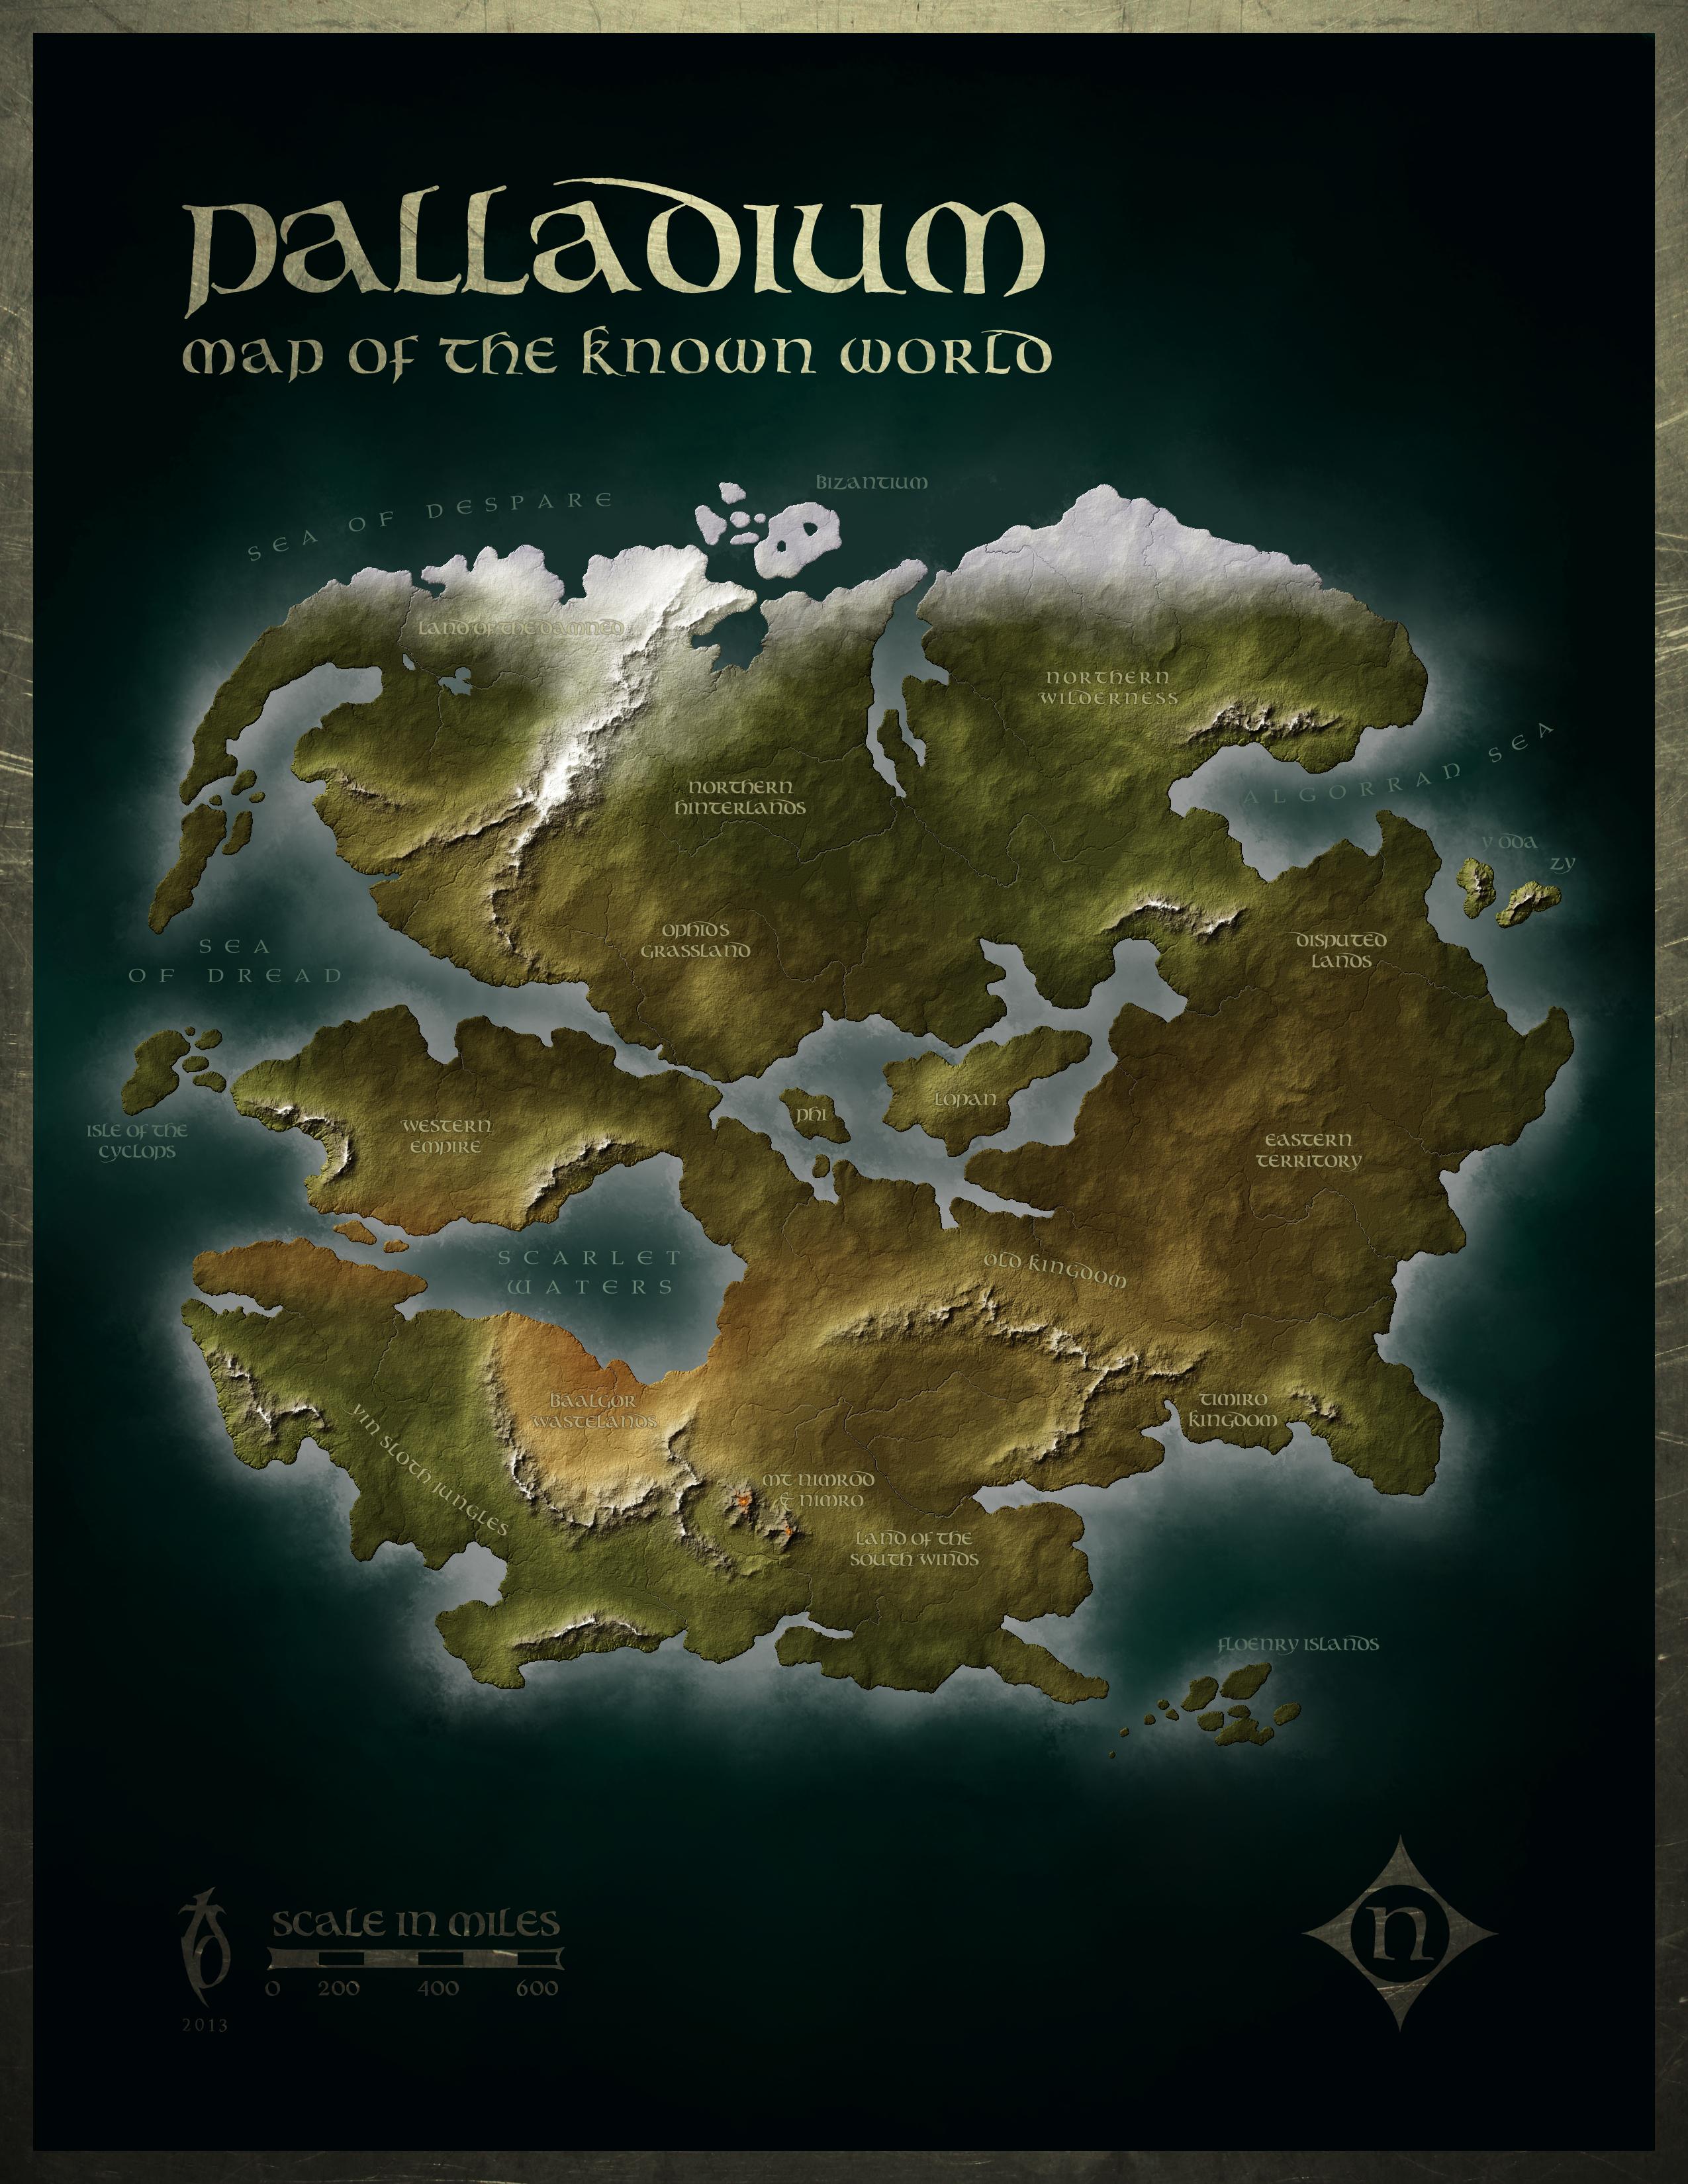 Palladium by arsheesh